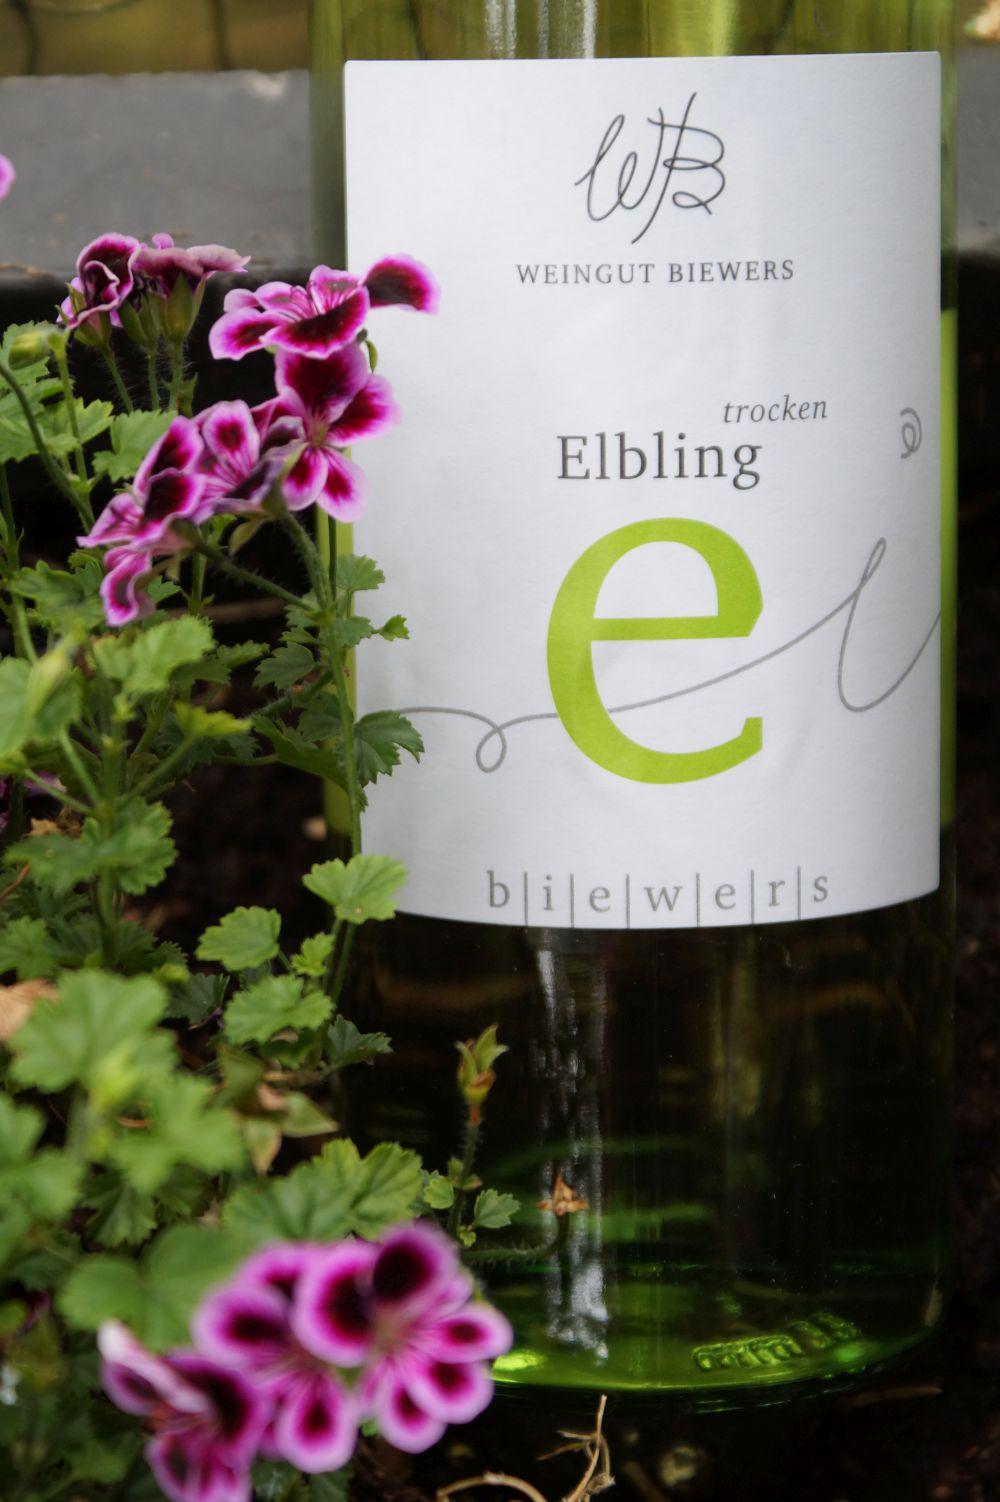 Elbling Weingut Biewers